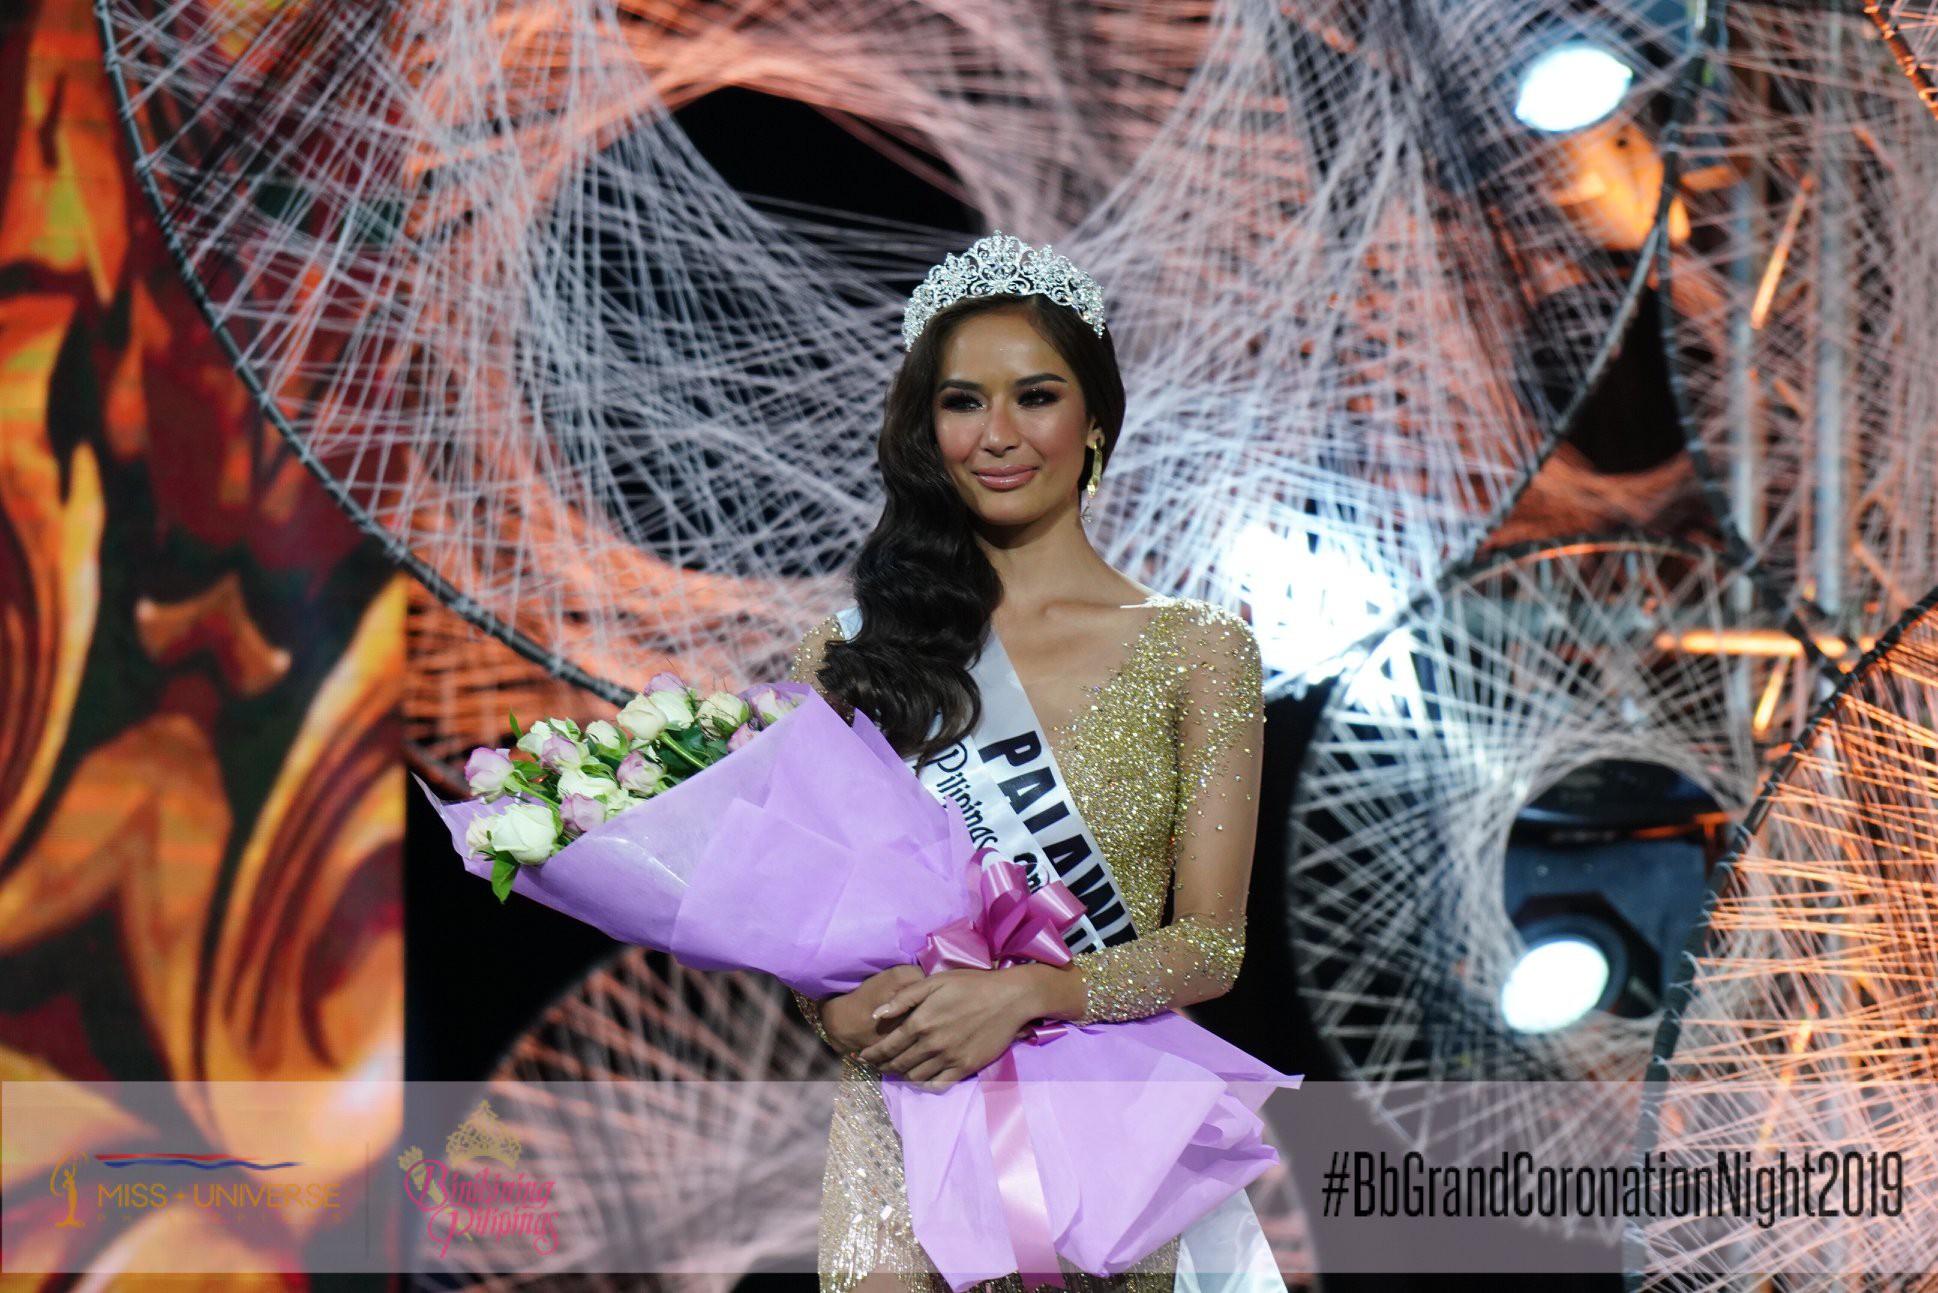 Hoa hậu Hoàn vũ Philippines 2019 lộ diện, được dự đoán tiếp tục gây sốt tại Miss Universe  - Ảnh 9.